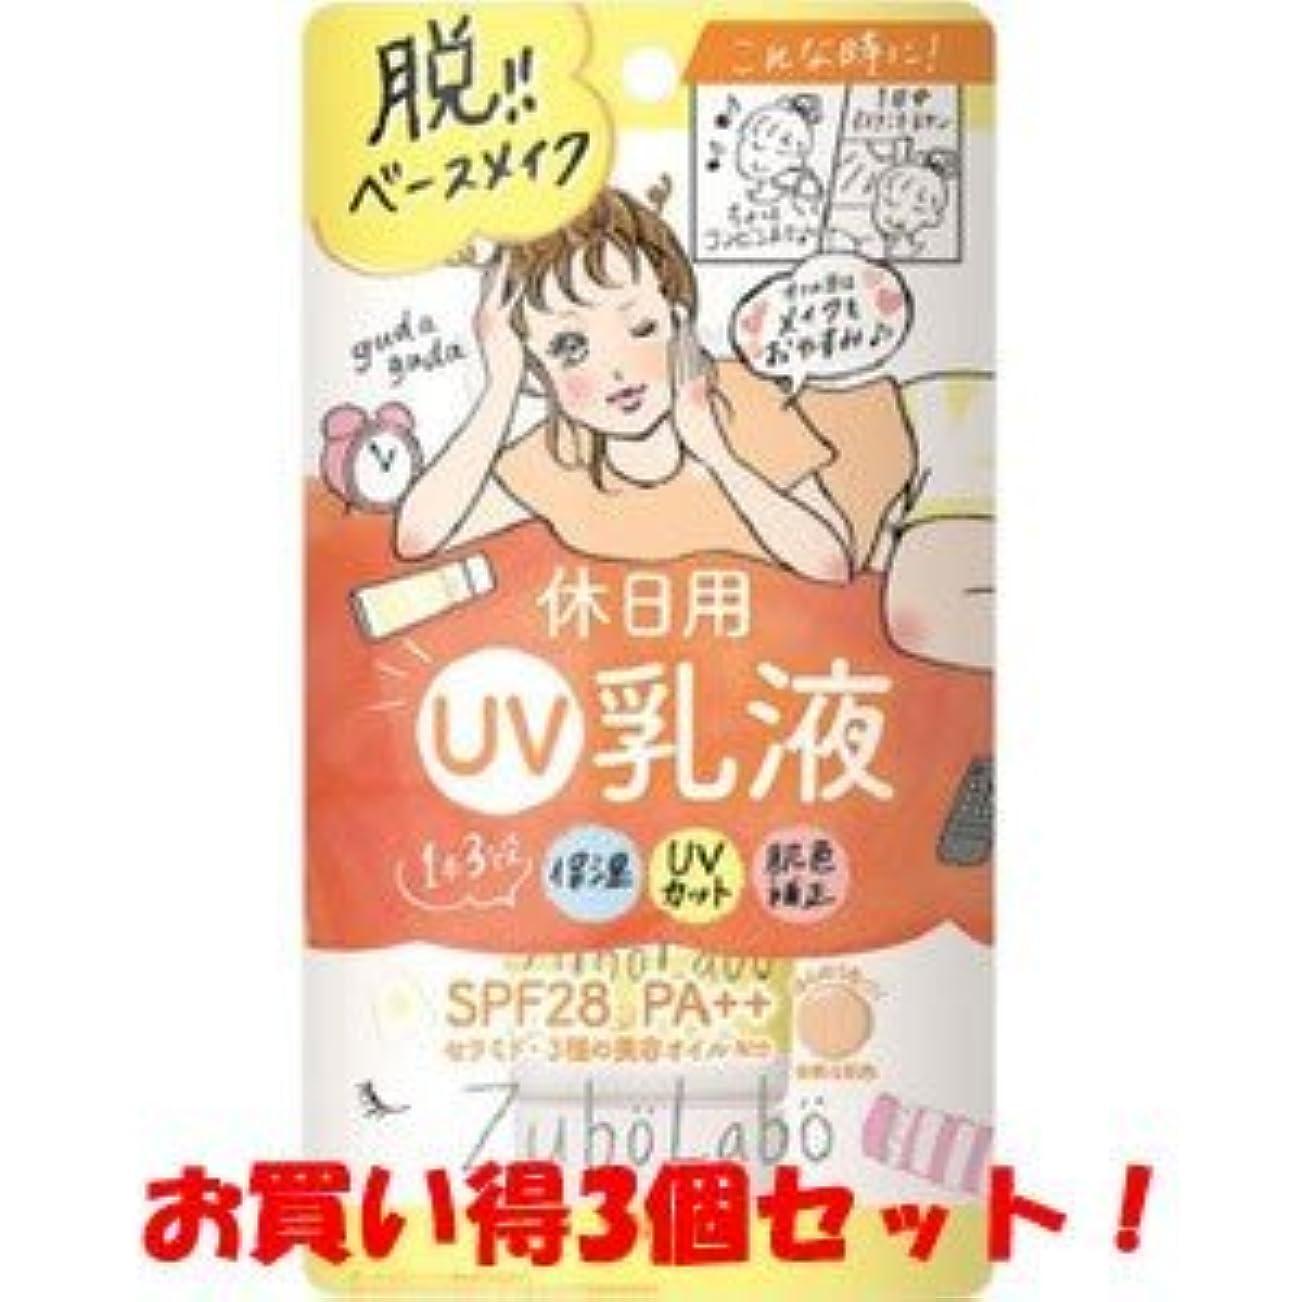 小石最愛のぼかすサナ(SANA)ズボラボ 休日用乳液 UV 60g/新商品/(お買い得3個セット)